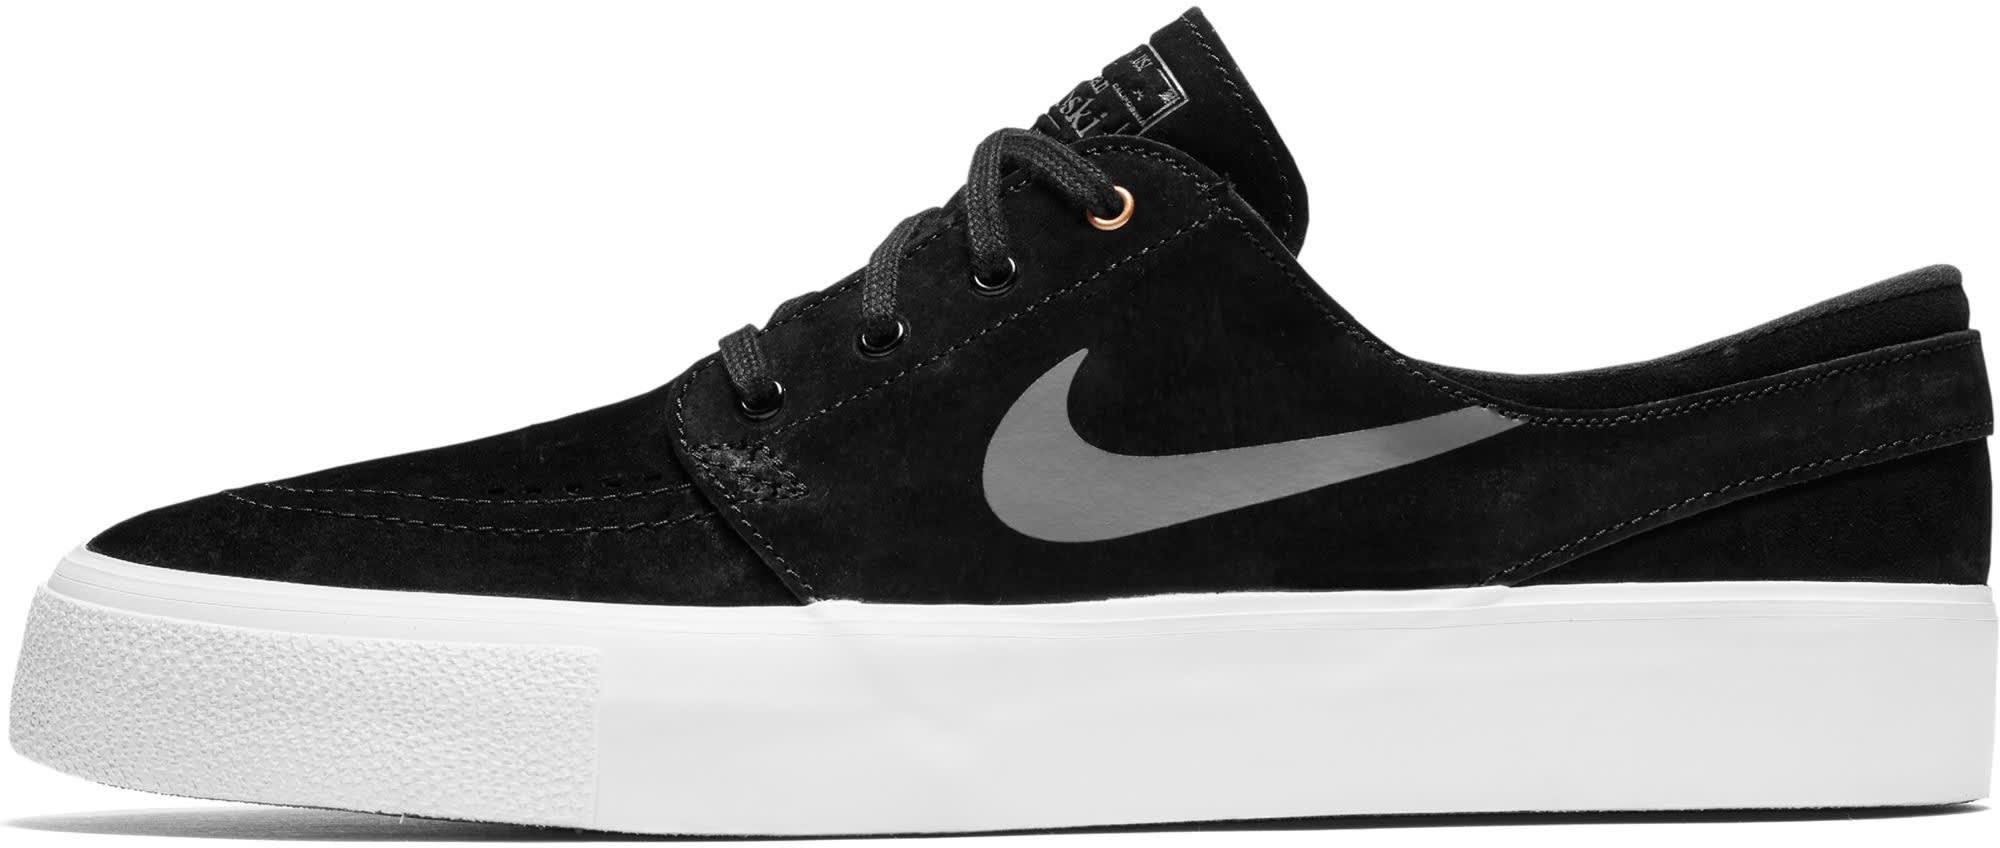 2030c7b7185c Nike SB Zoom Janoski HT Skate Shoes - thumbnail 2